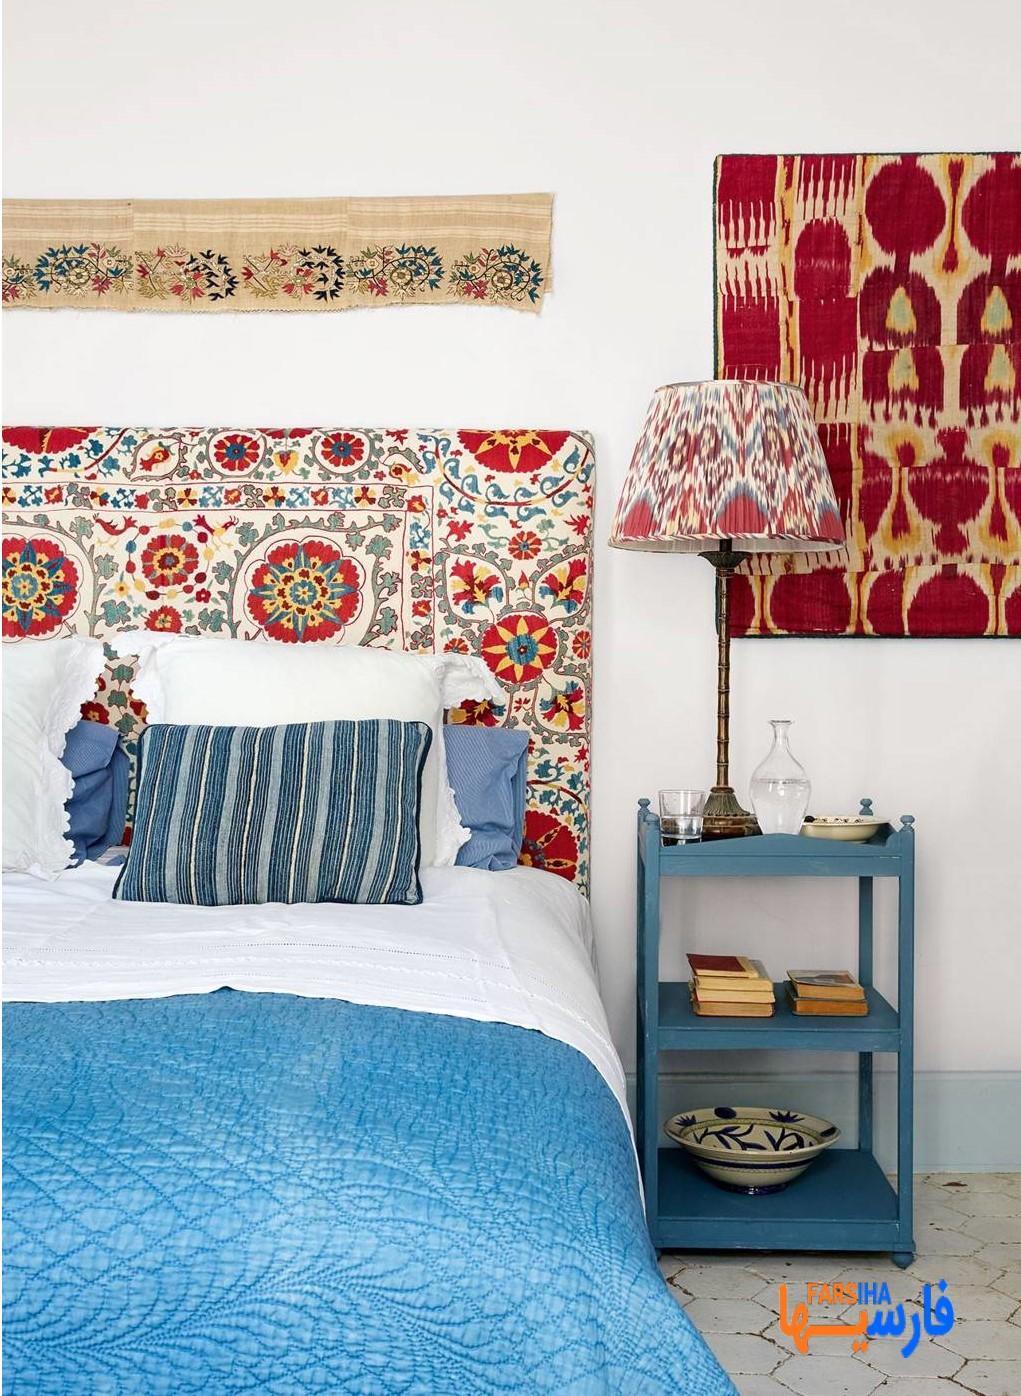 ایده هایی برای تغییر دادن دکور اتاق خواب •مجله آنلاین فارسی ها . دکور اتاق خواب